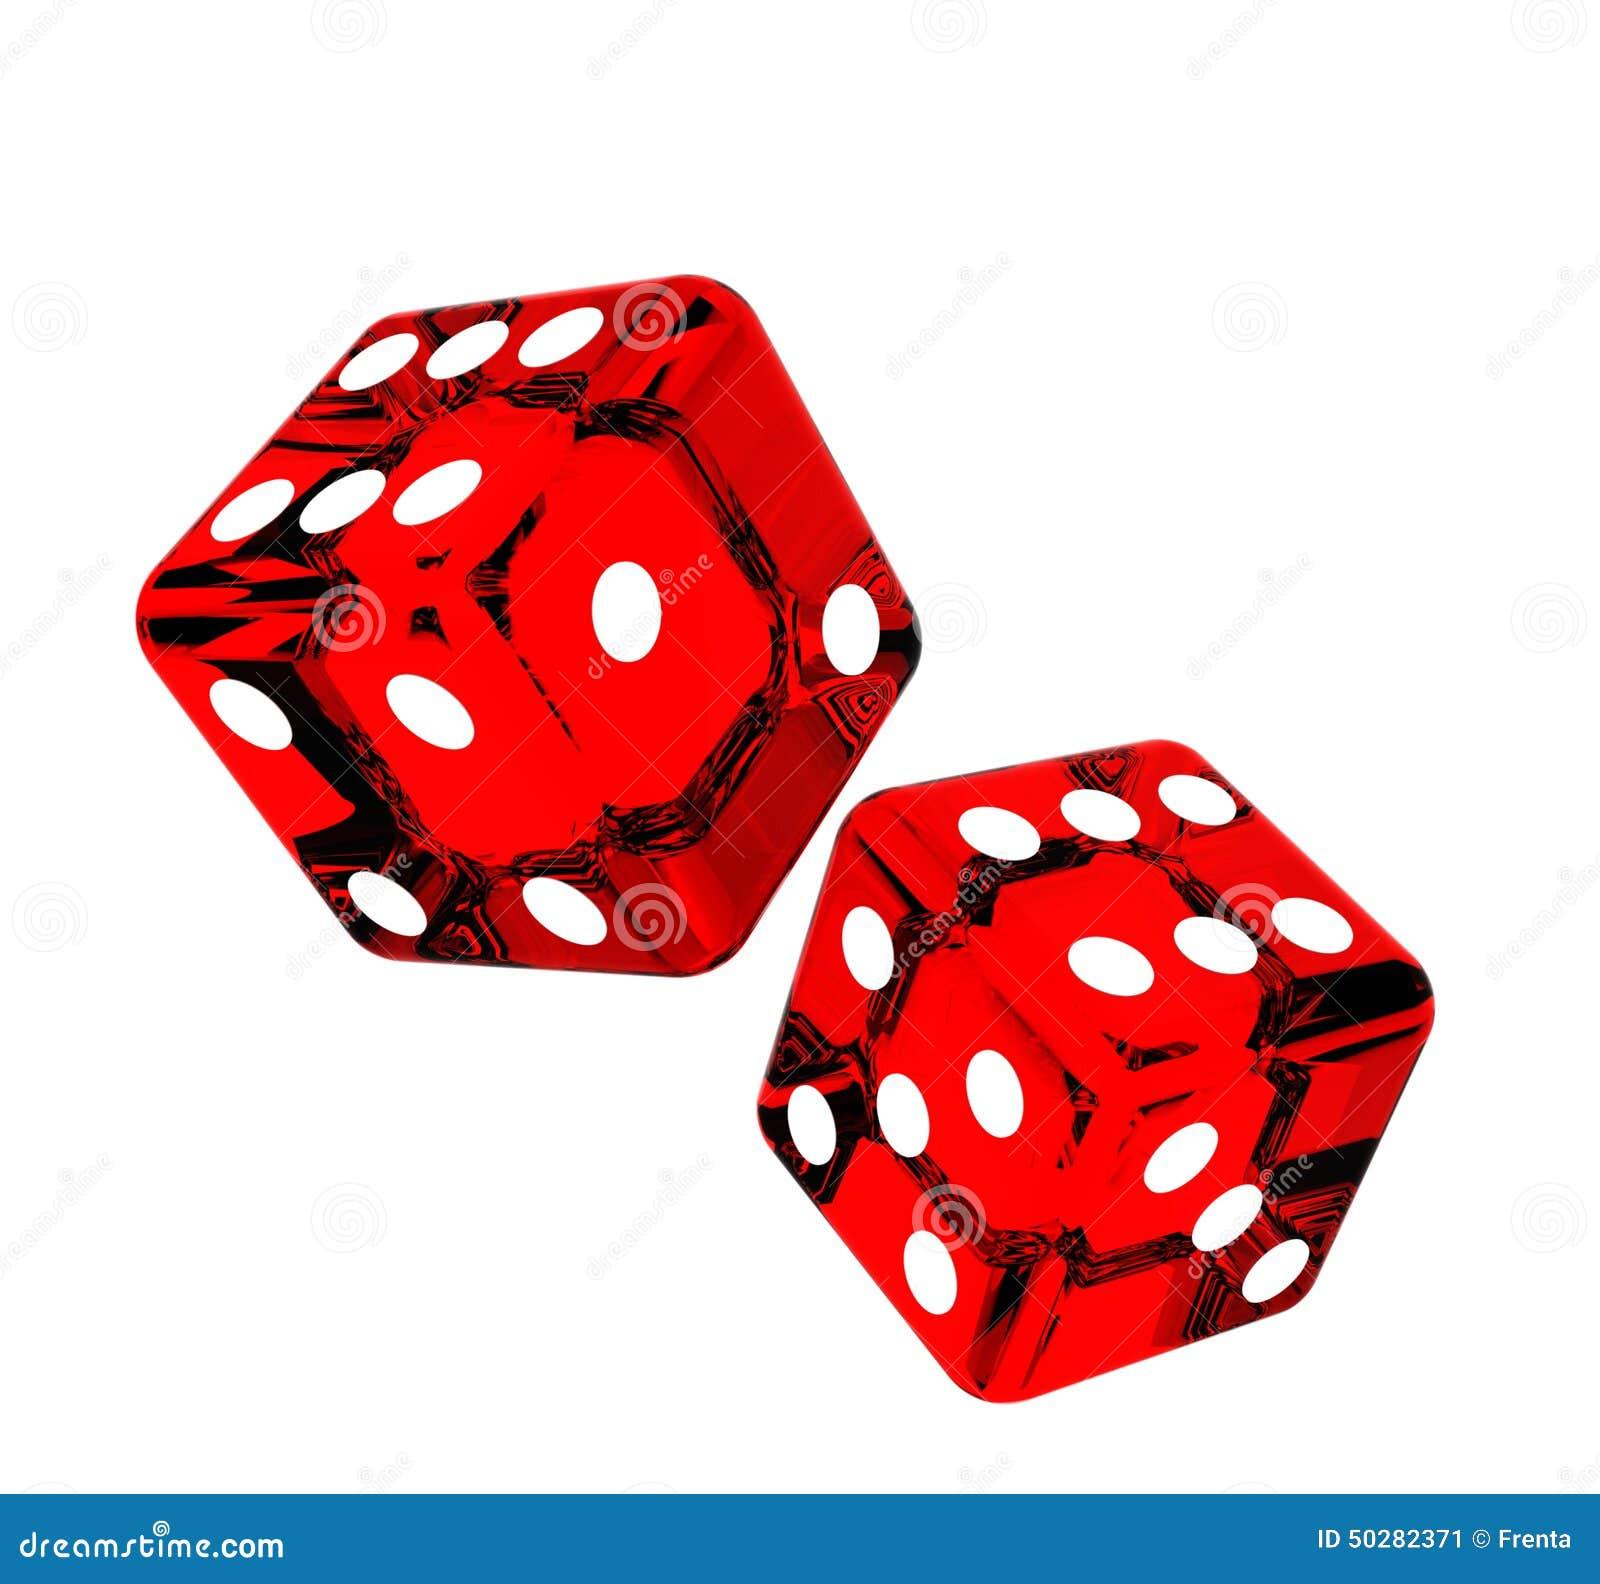 Fate of fell gambling exploit